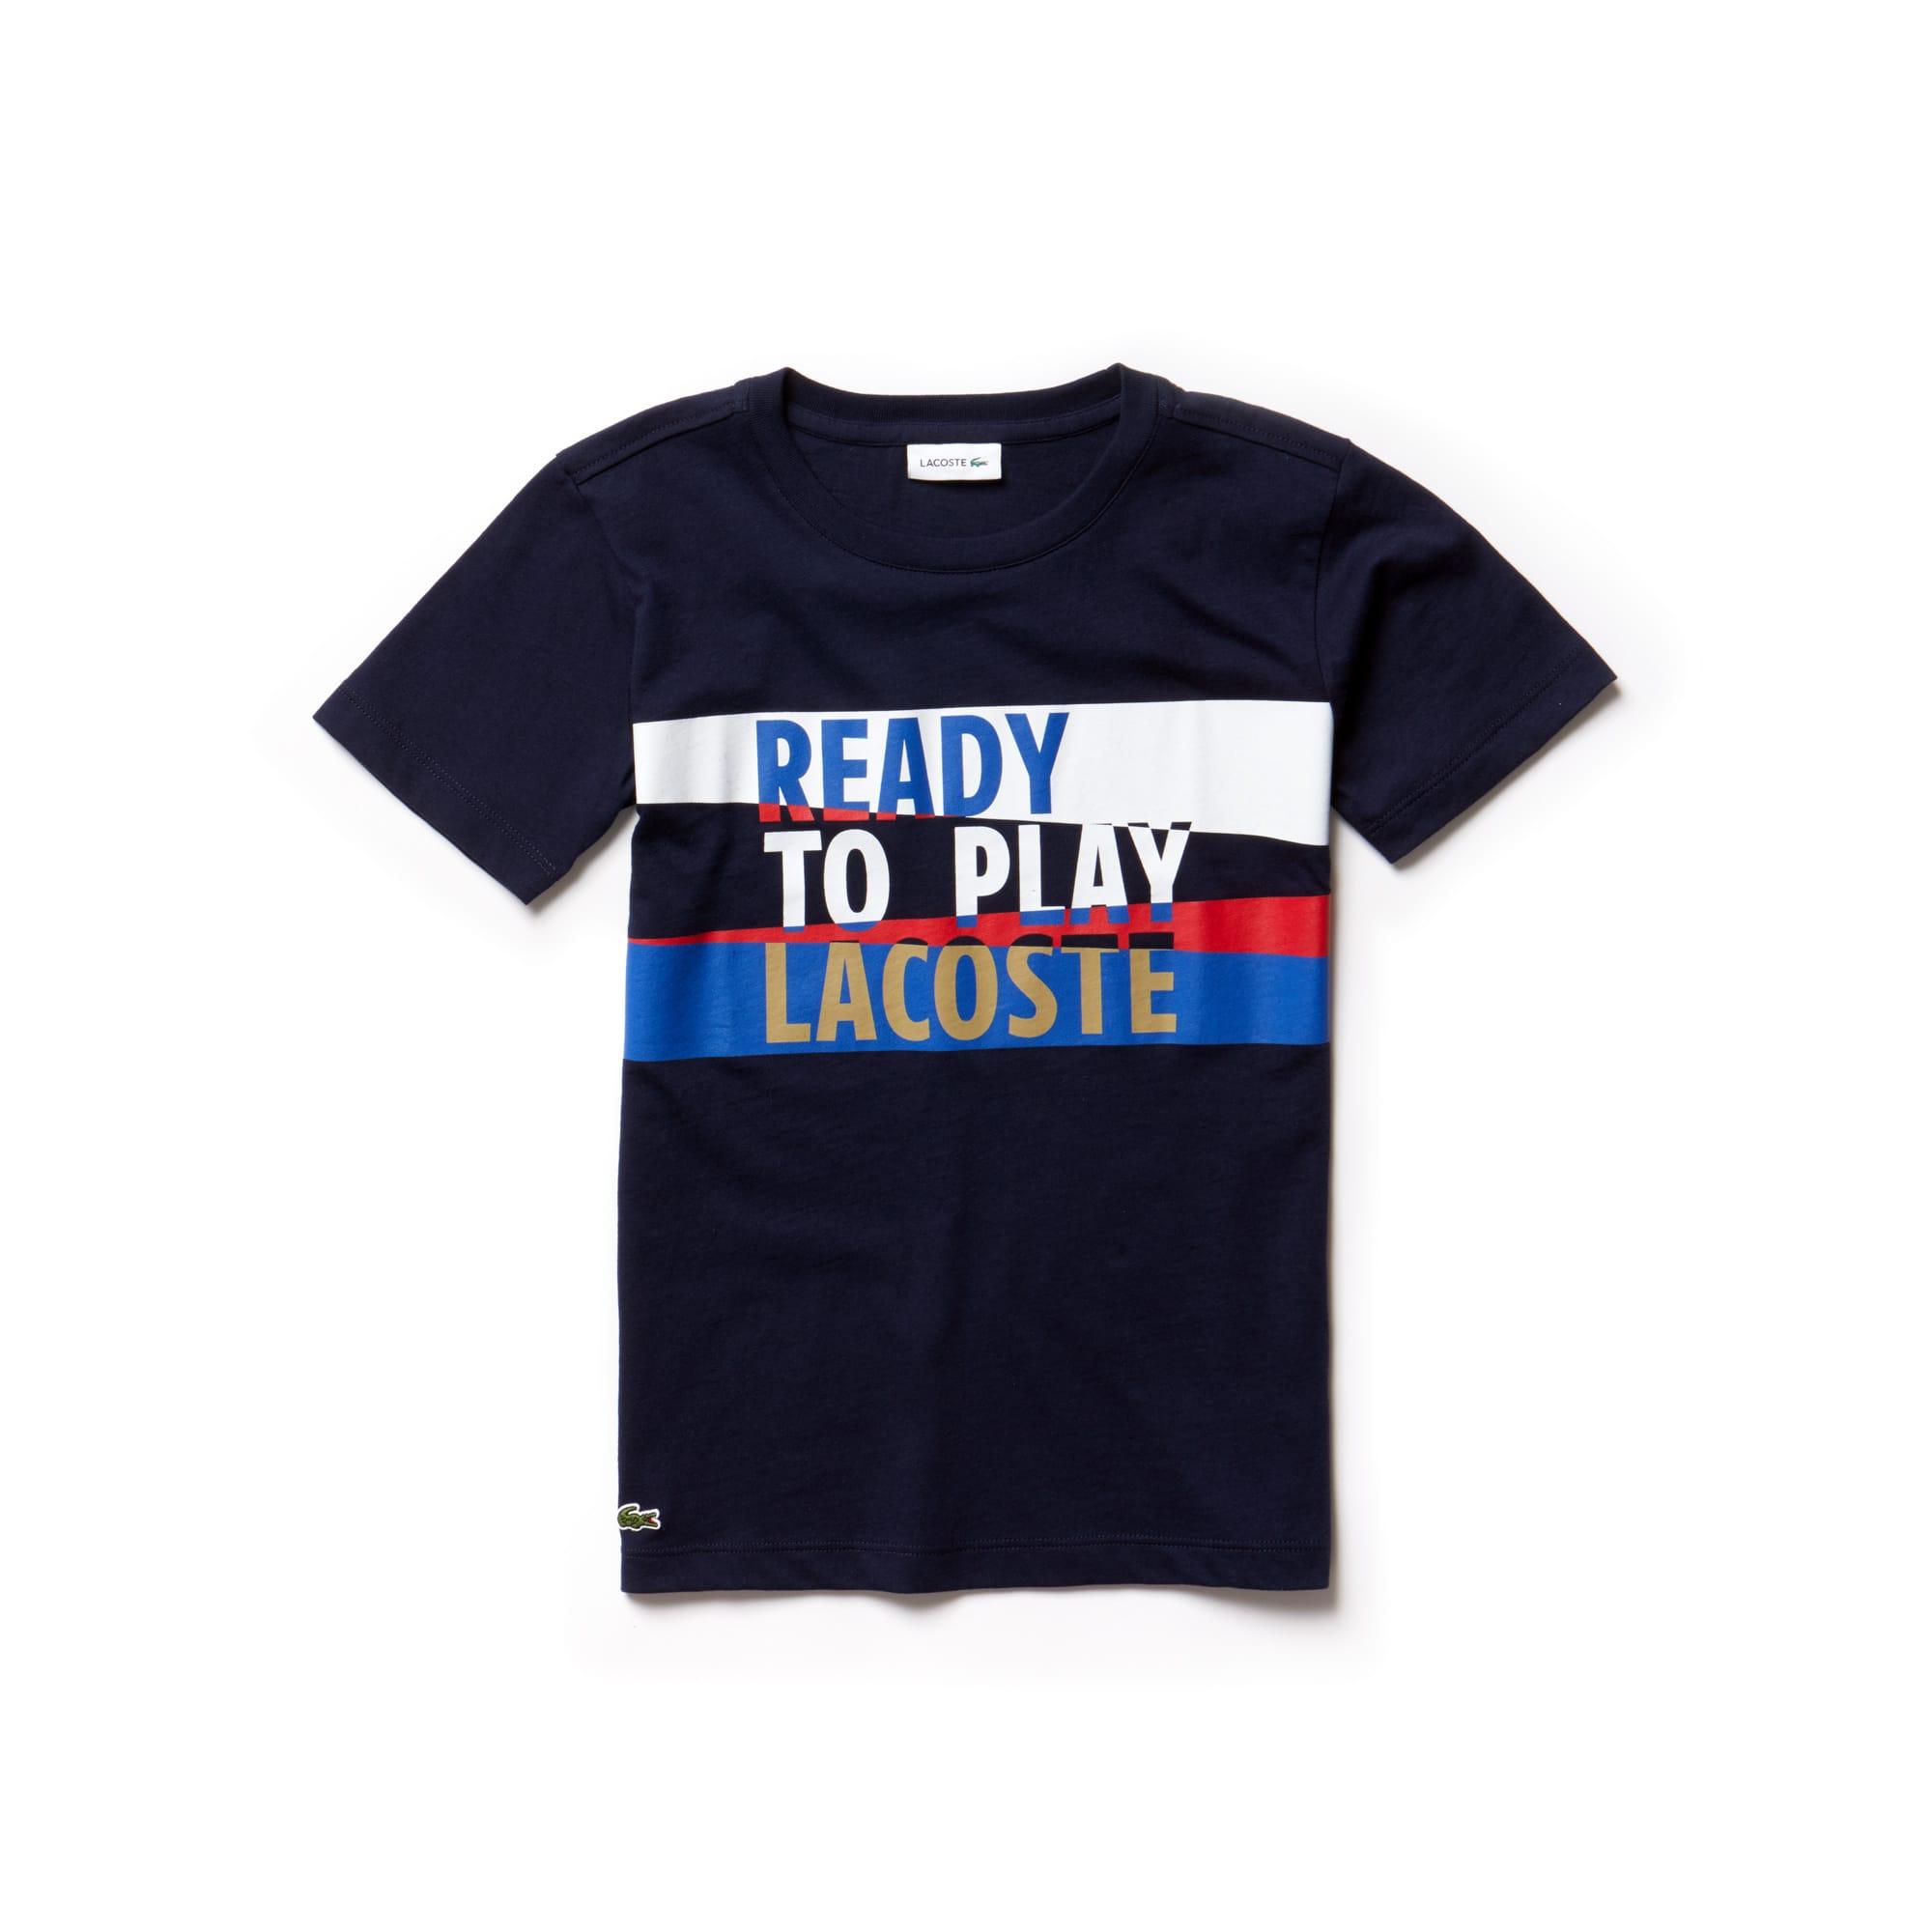 Camiseta De Niño En Tejido De Punto De Algodón Con Inscripción Ready To Play Y Cuello Redondo